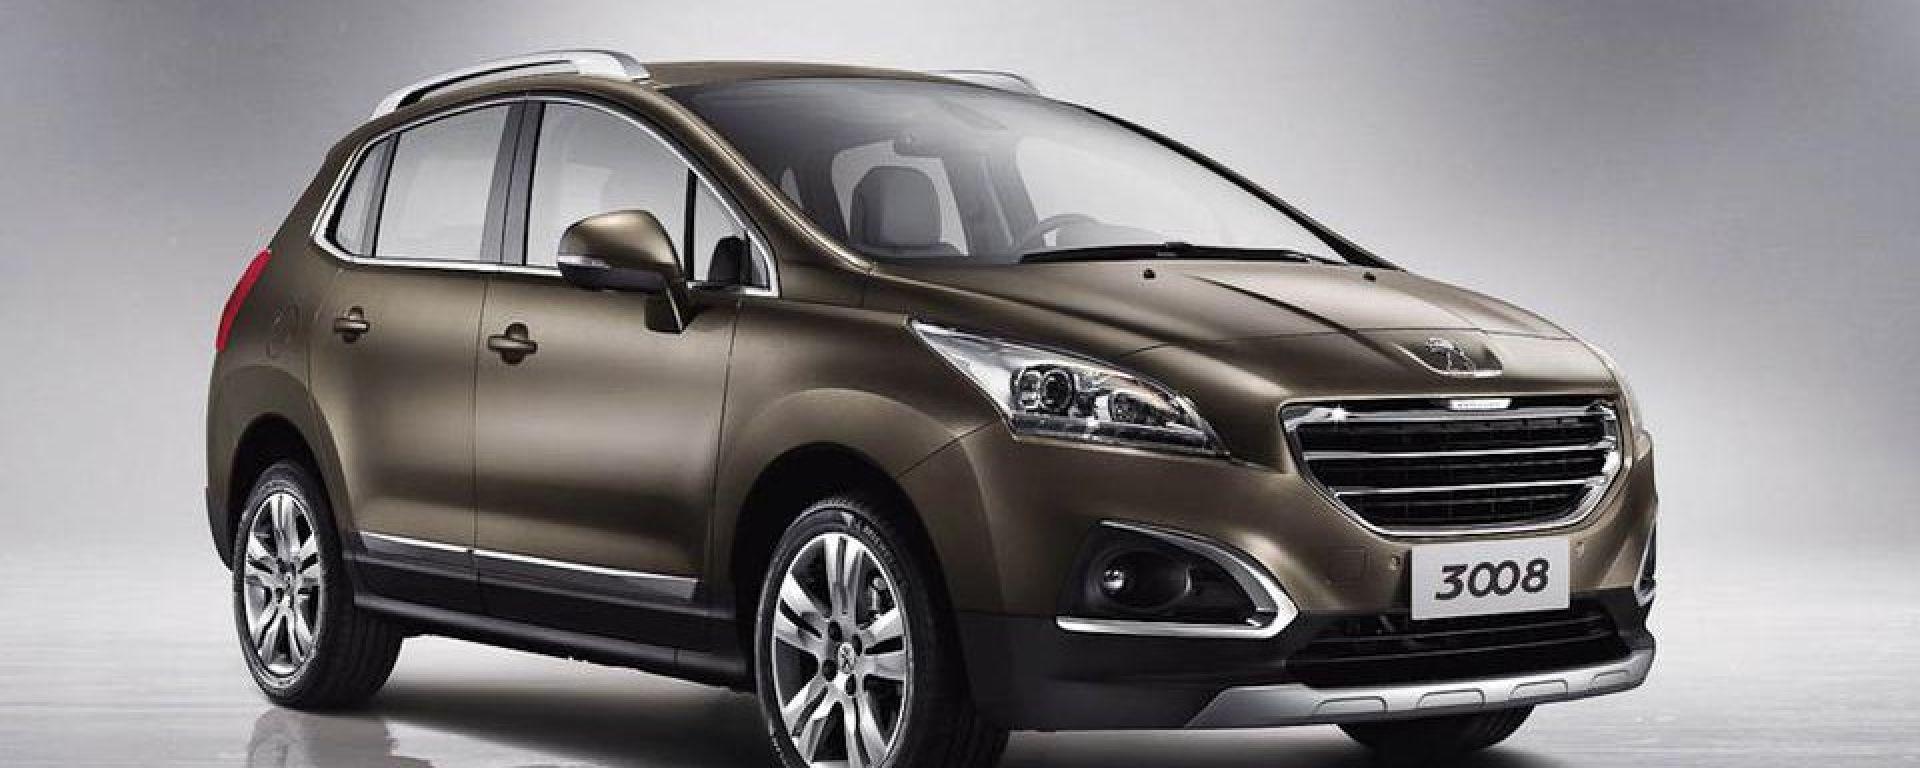 Peugeot 3008 2013: dalla Cina con stupore